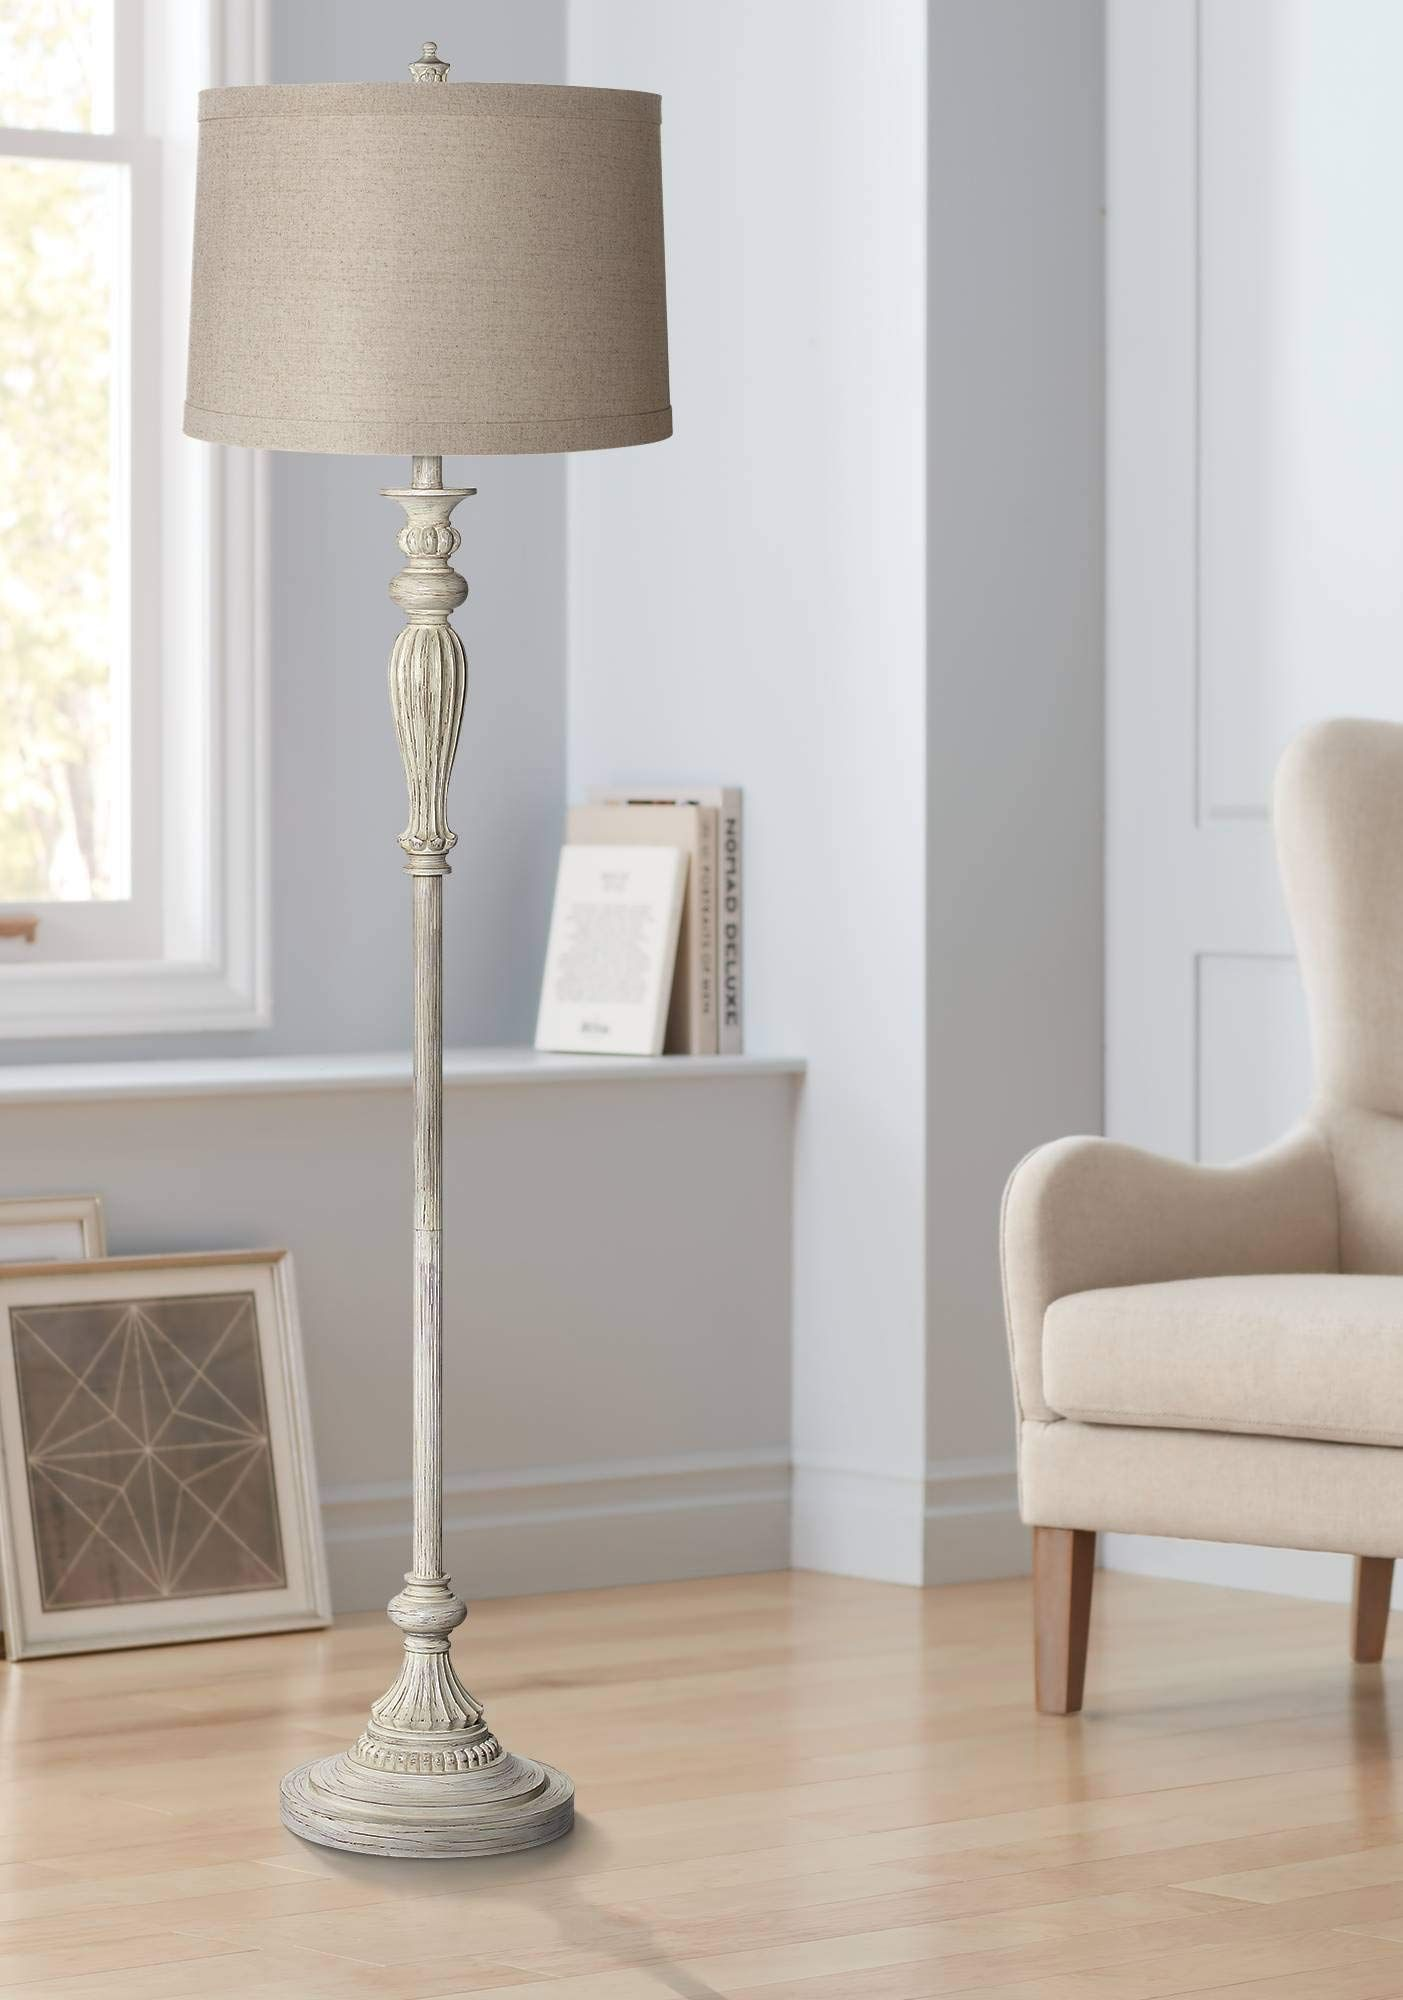 Vintage Lamp Repurposed In 2020 Shabby Chic Floor Lamp Vintage